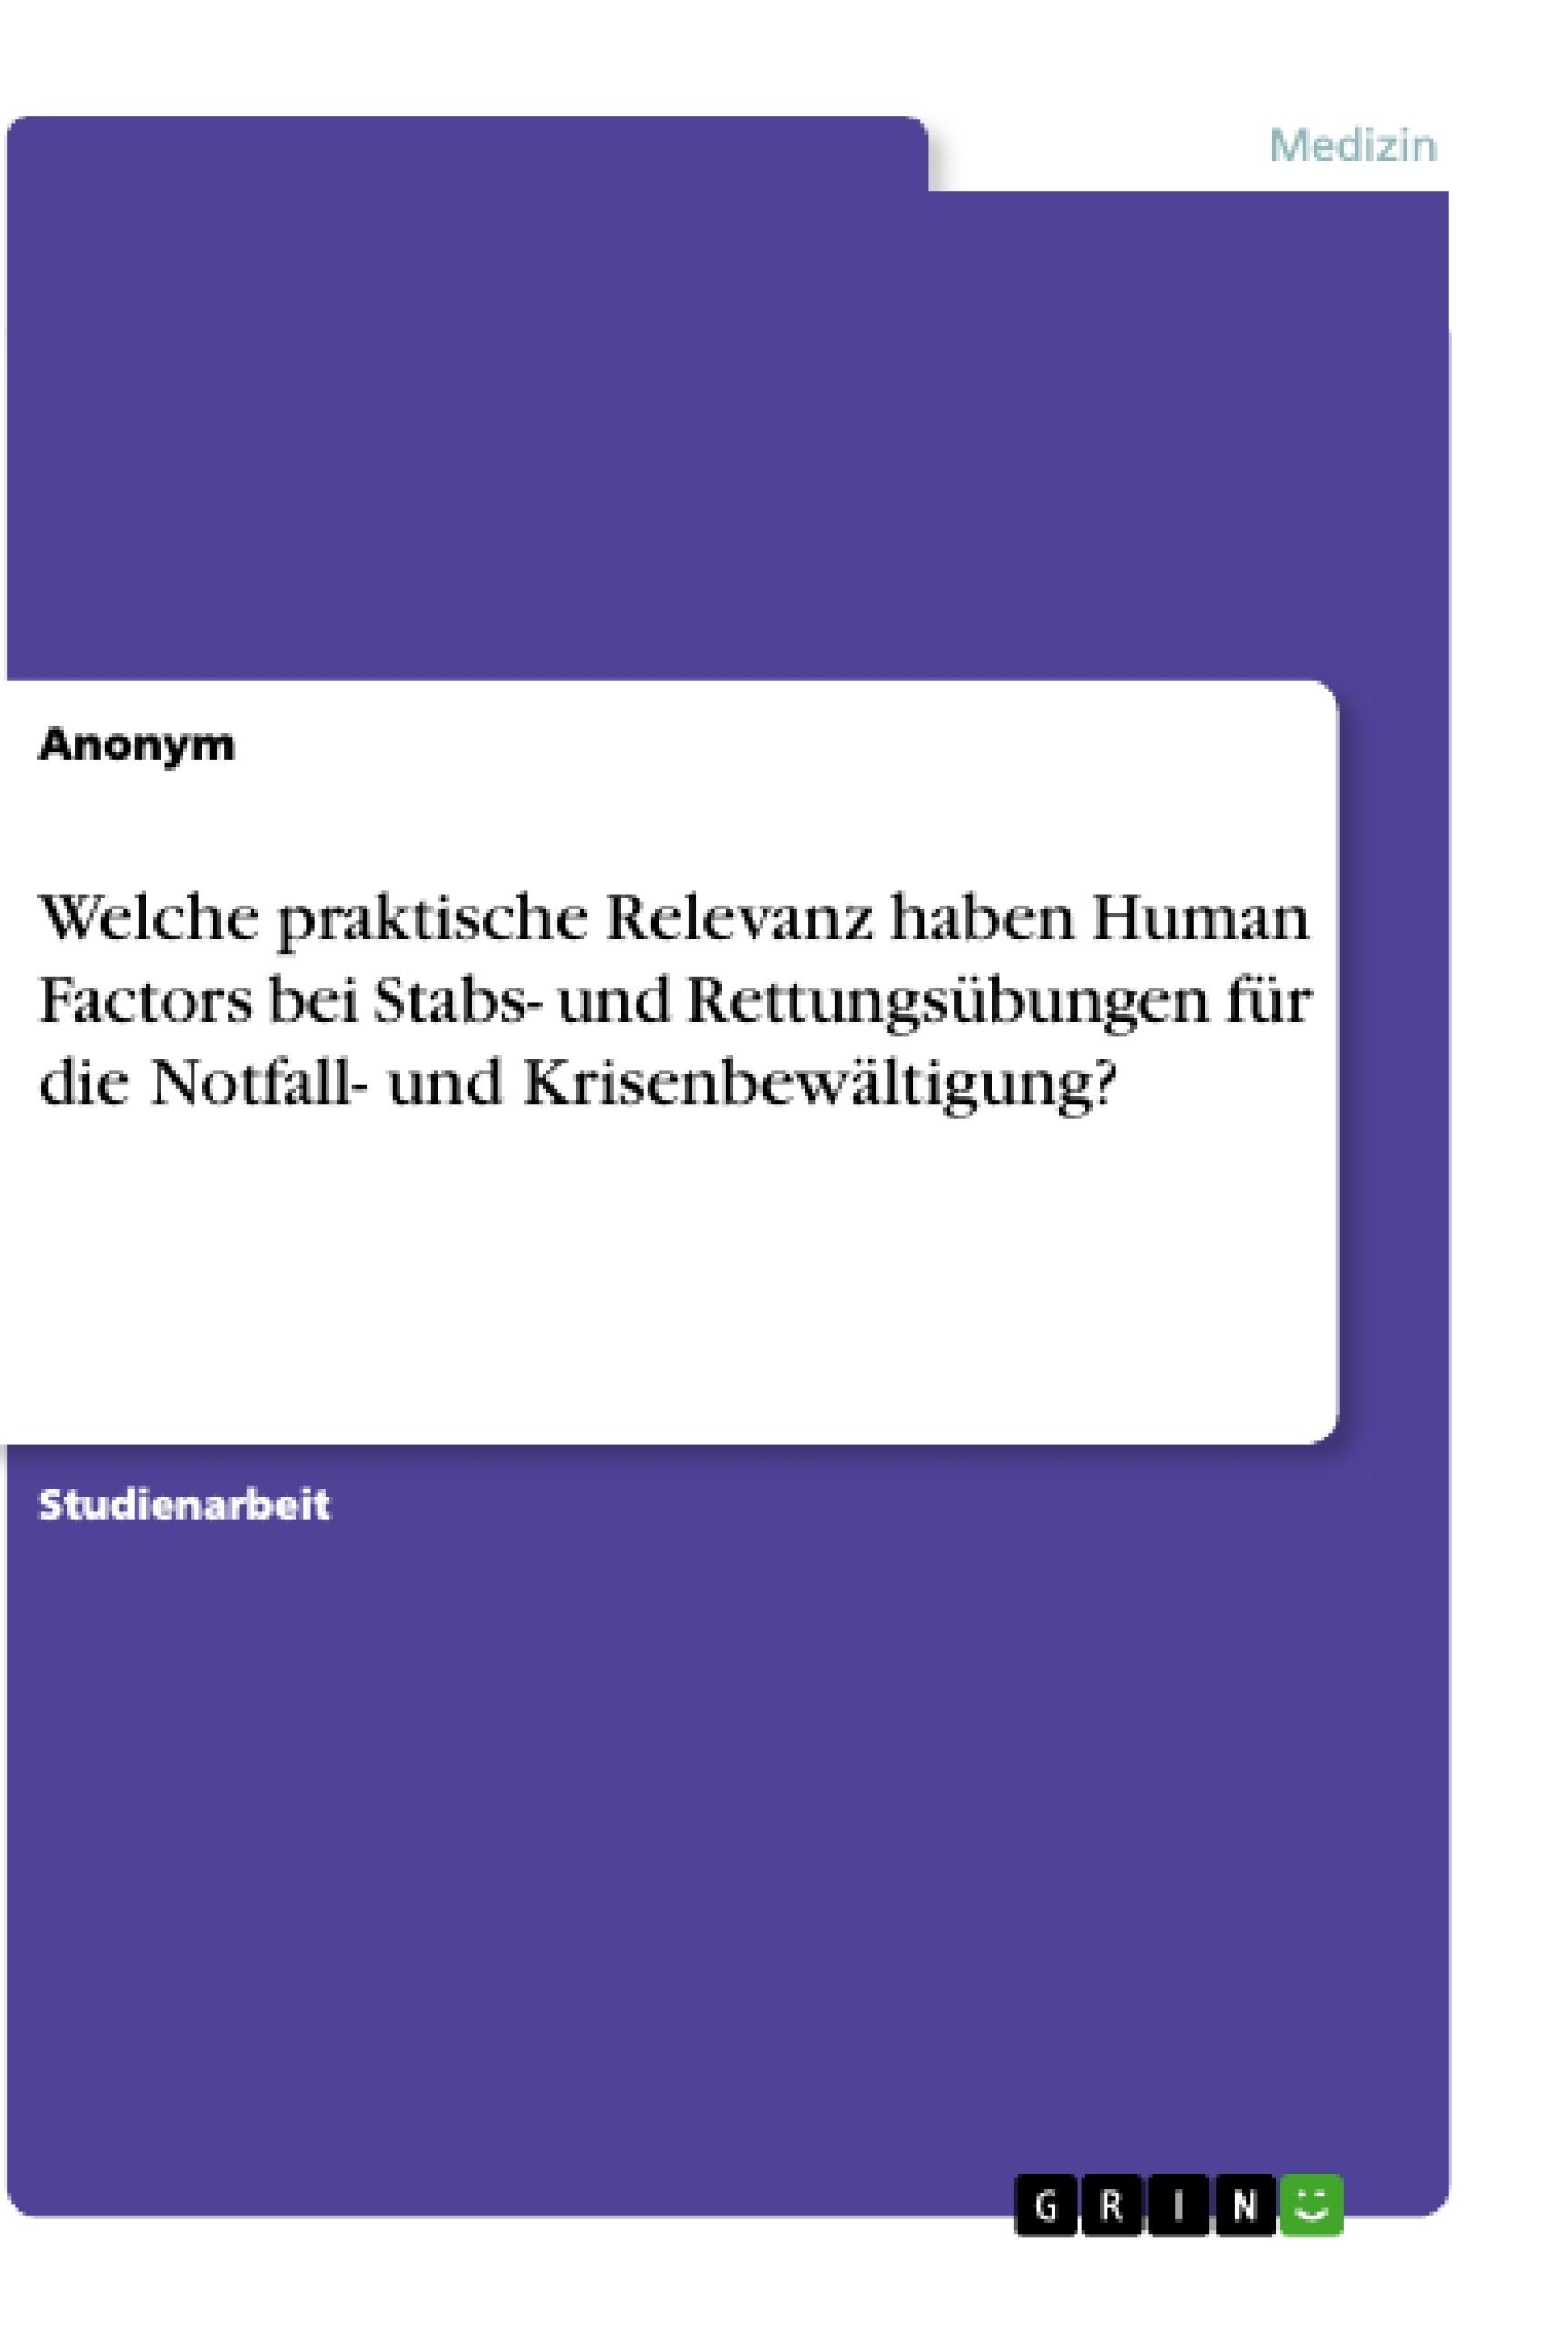 Titel: Welche praktische Relevanz haben Human Factors bei Stabs- und Rettungsübungen für die Notfall- und Krisenbewältigung?